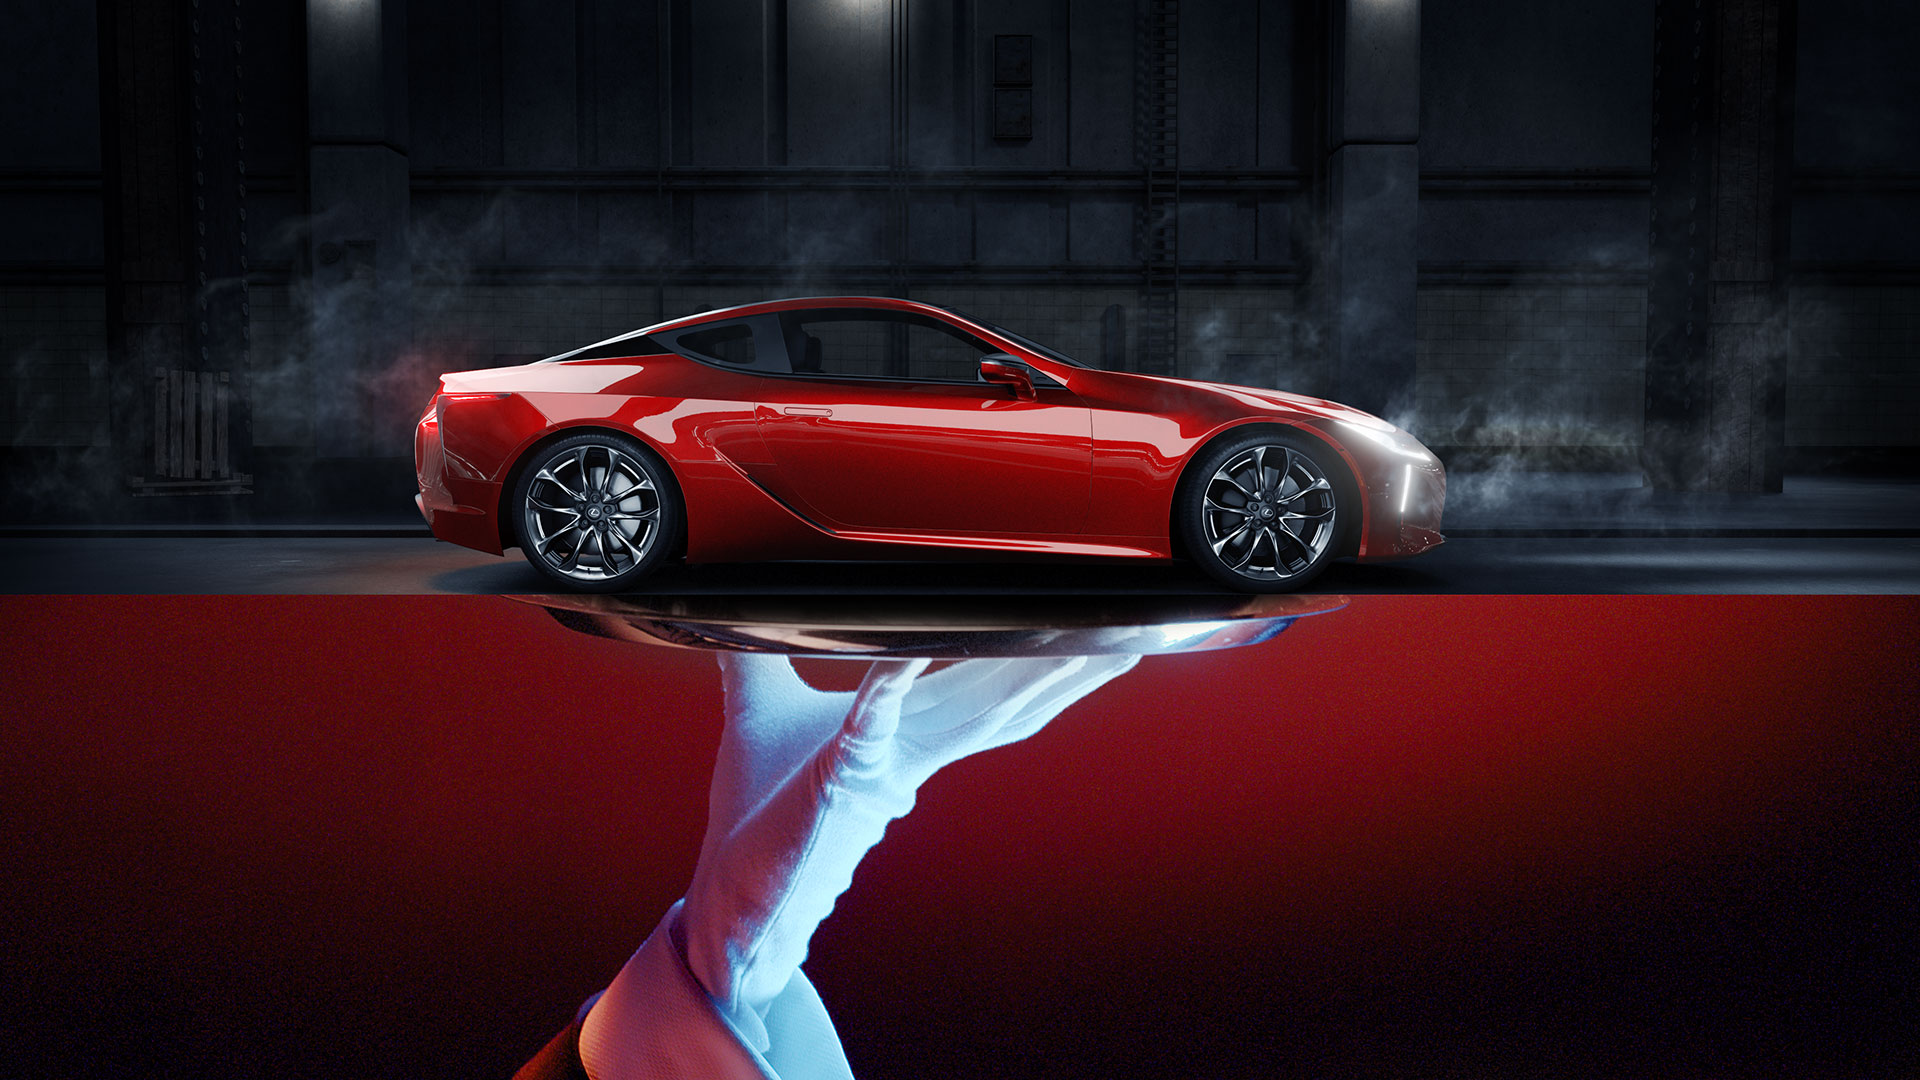 Zijkant van een rode Lexus LC 500h